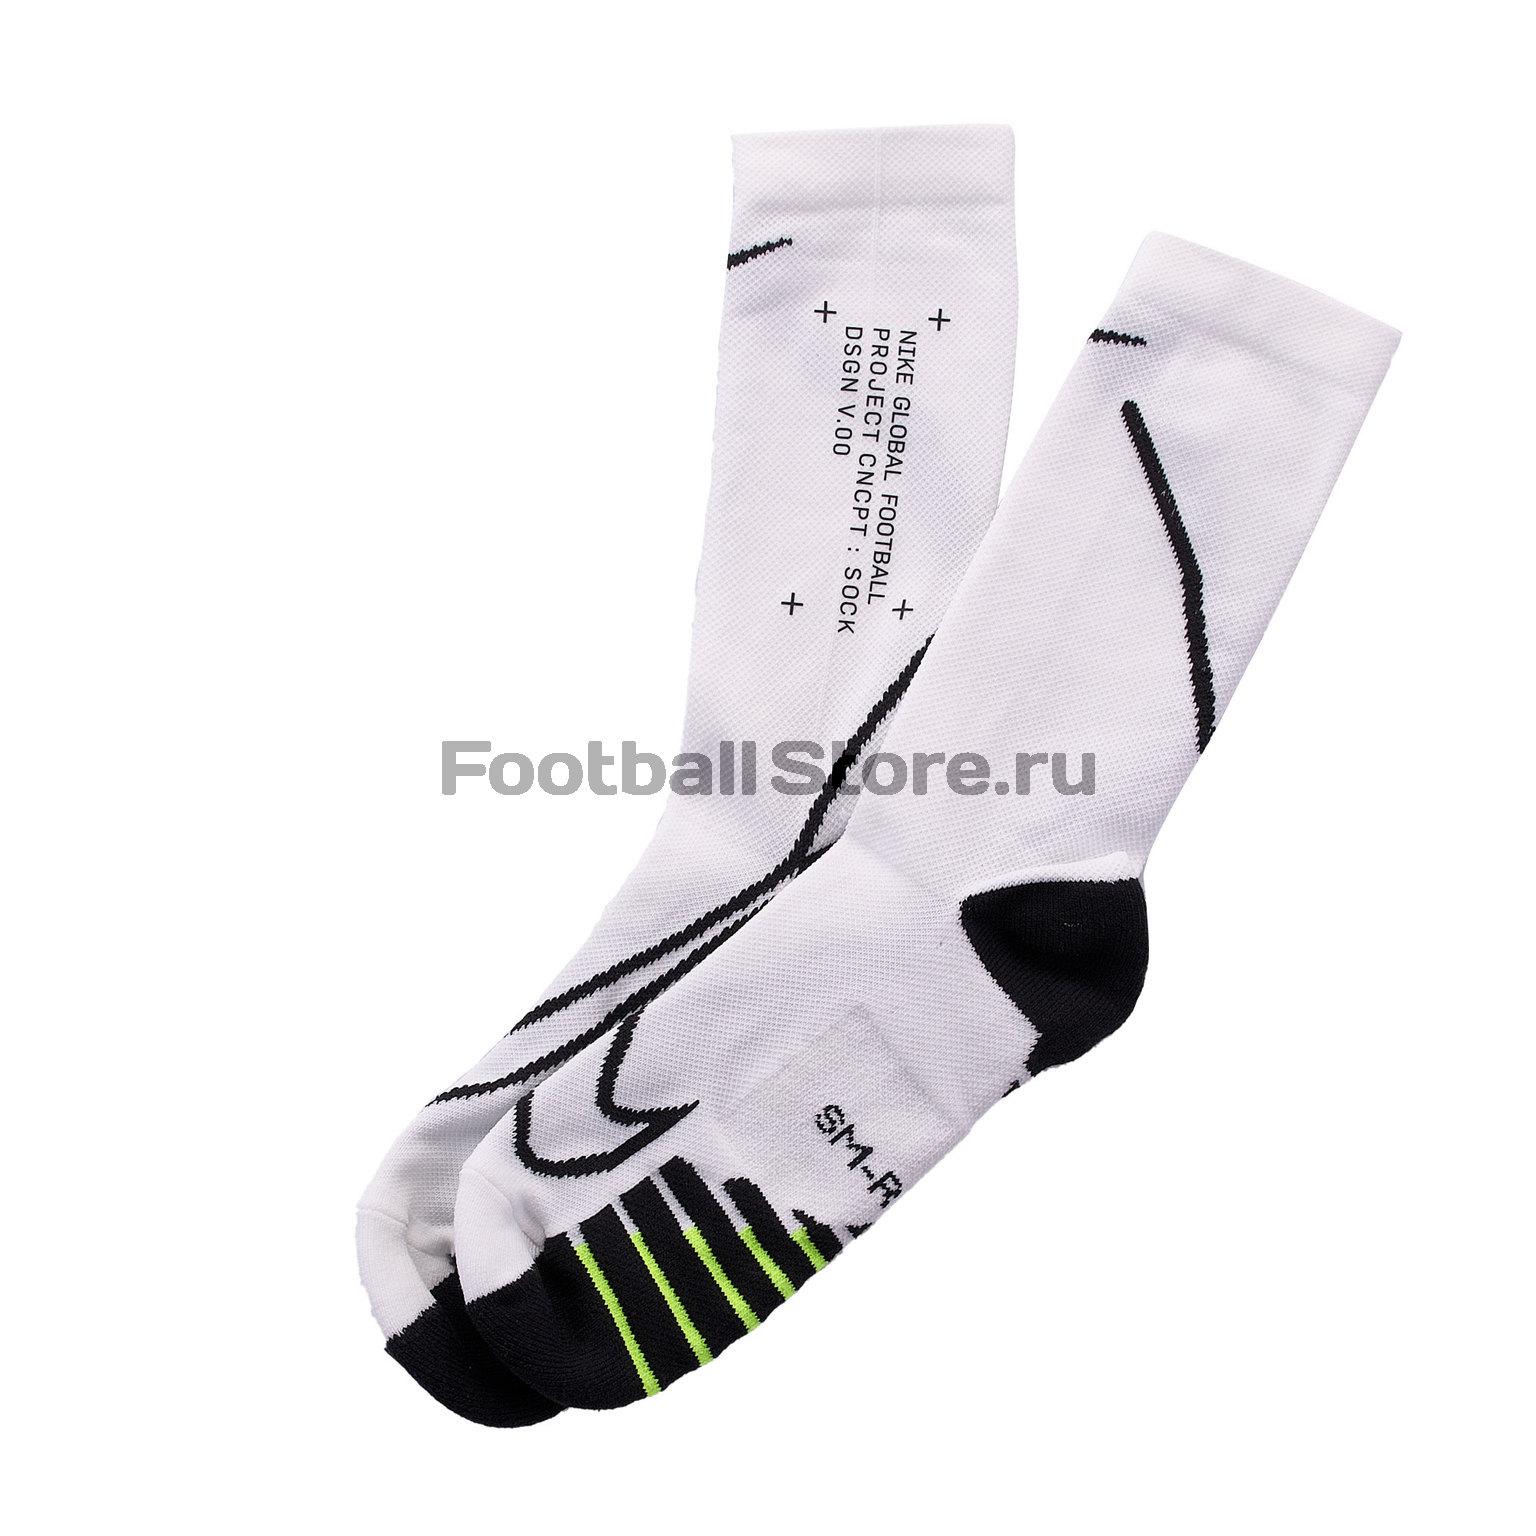 Носки Nike Squad Crew Canvas SK0137-100 цена и фото